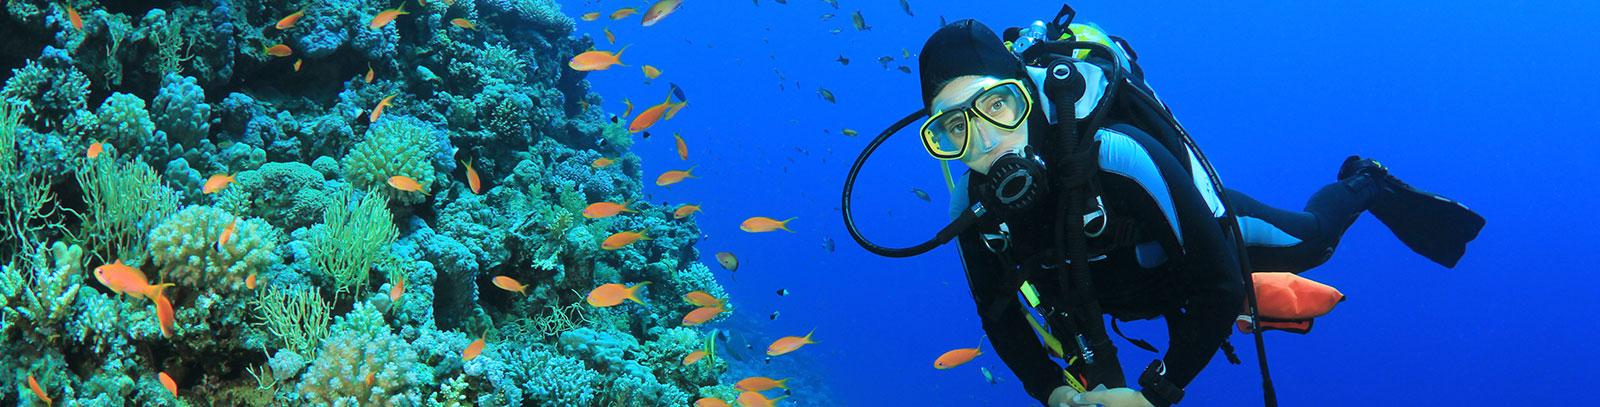 Isla de Coral en Rincón de Guayabitos